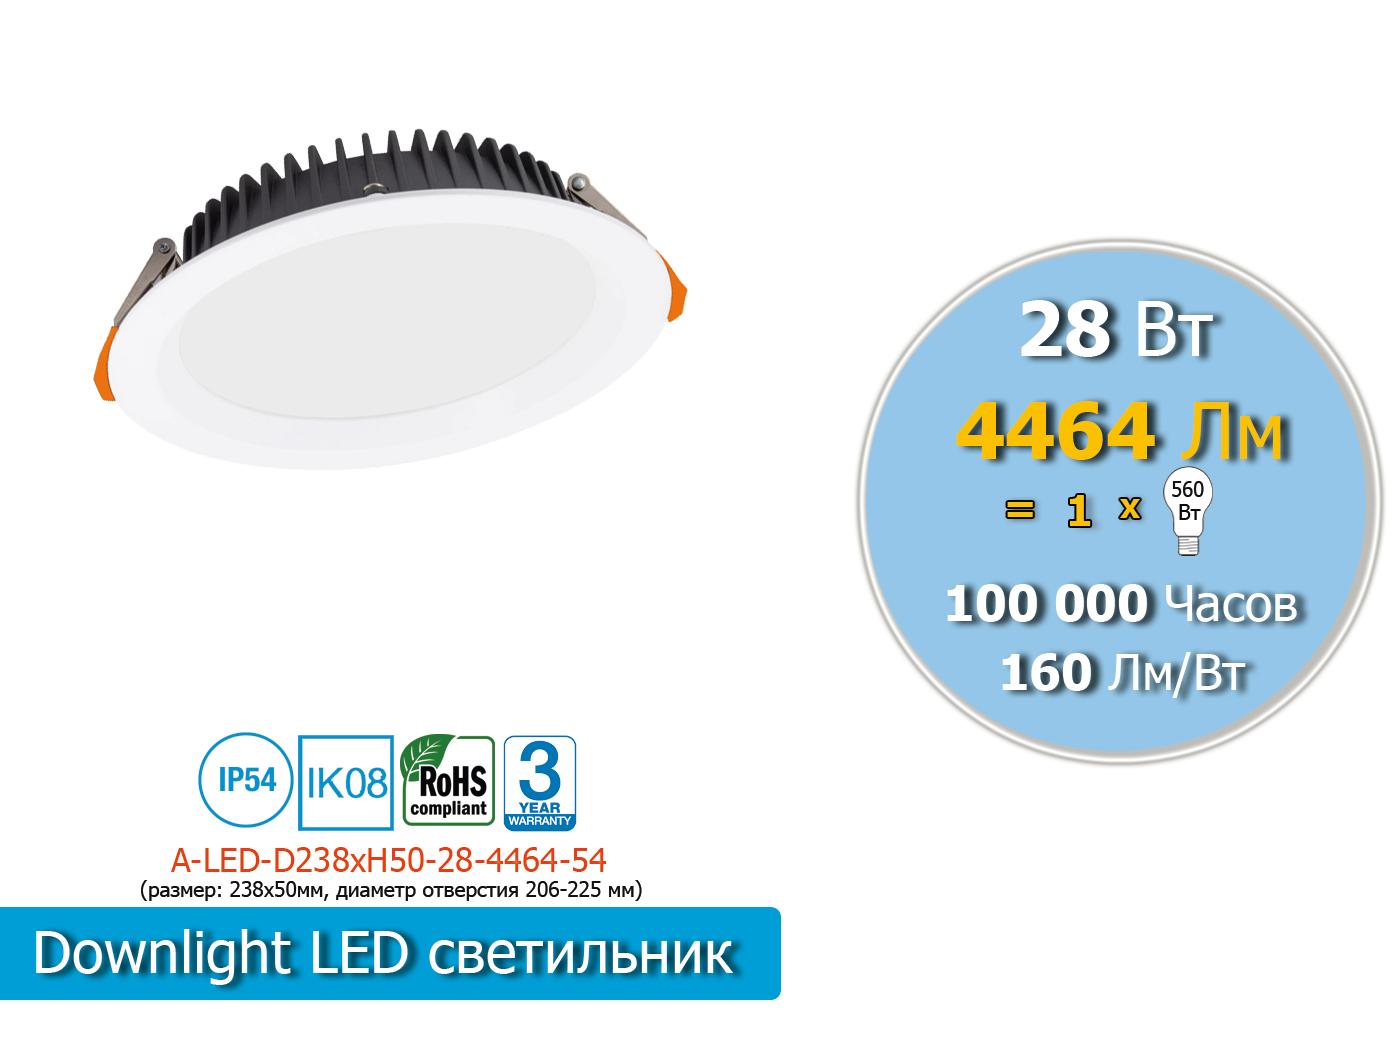 A-LED-D238xH50-28-4464-54